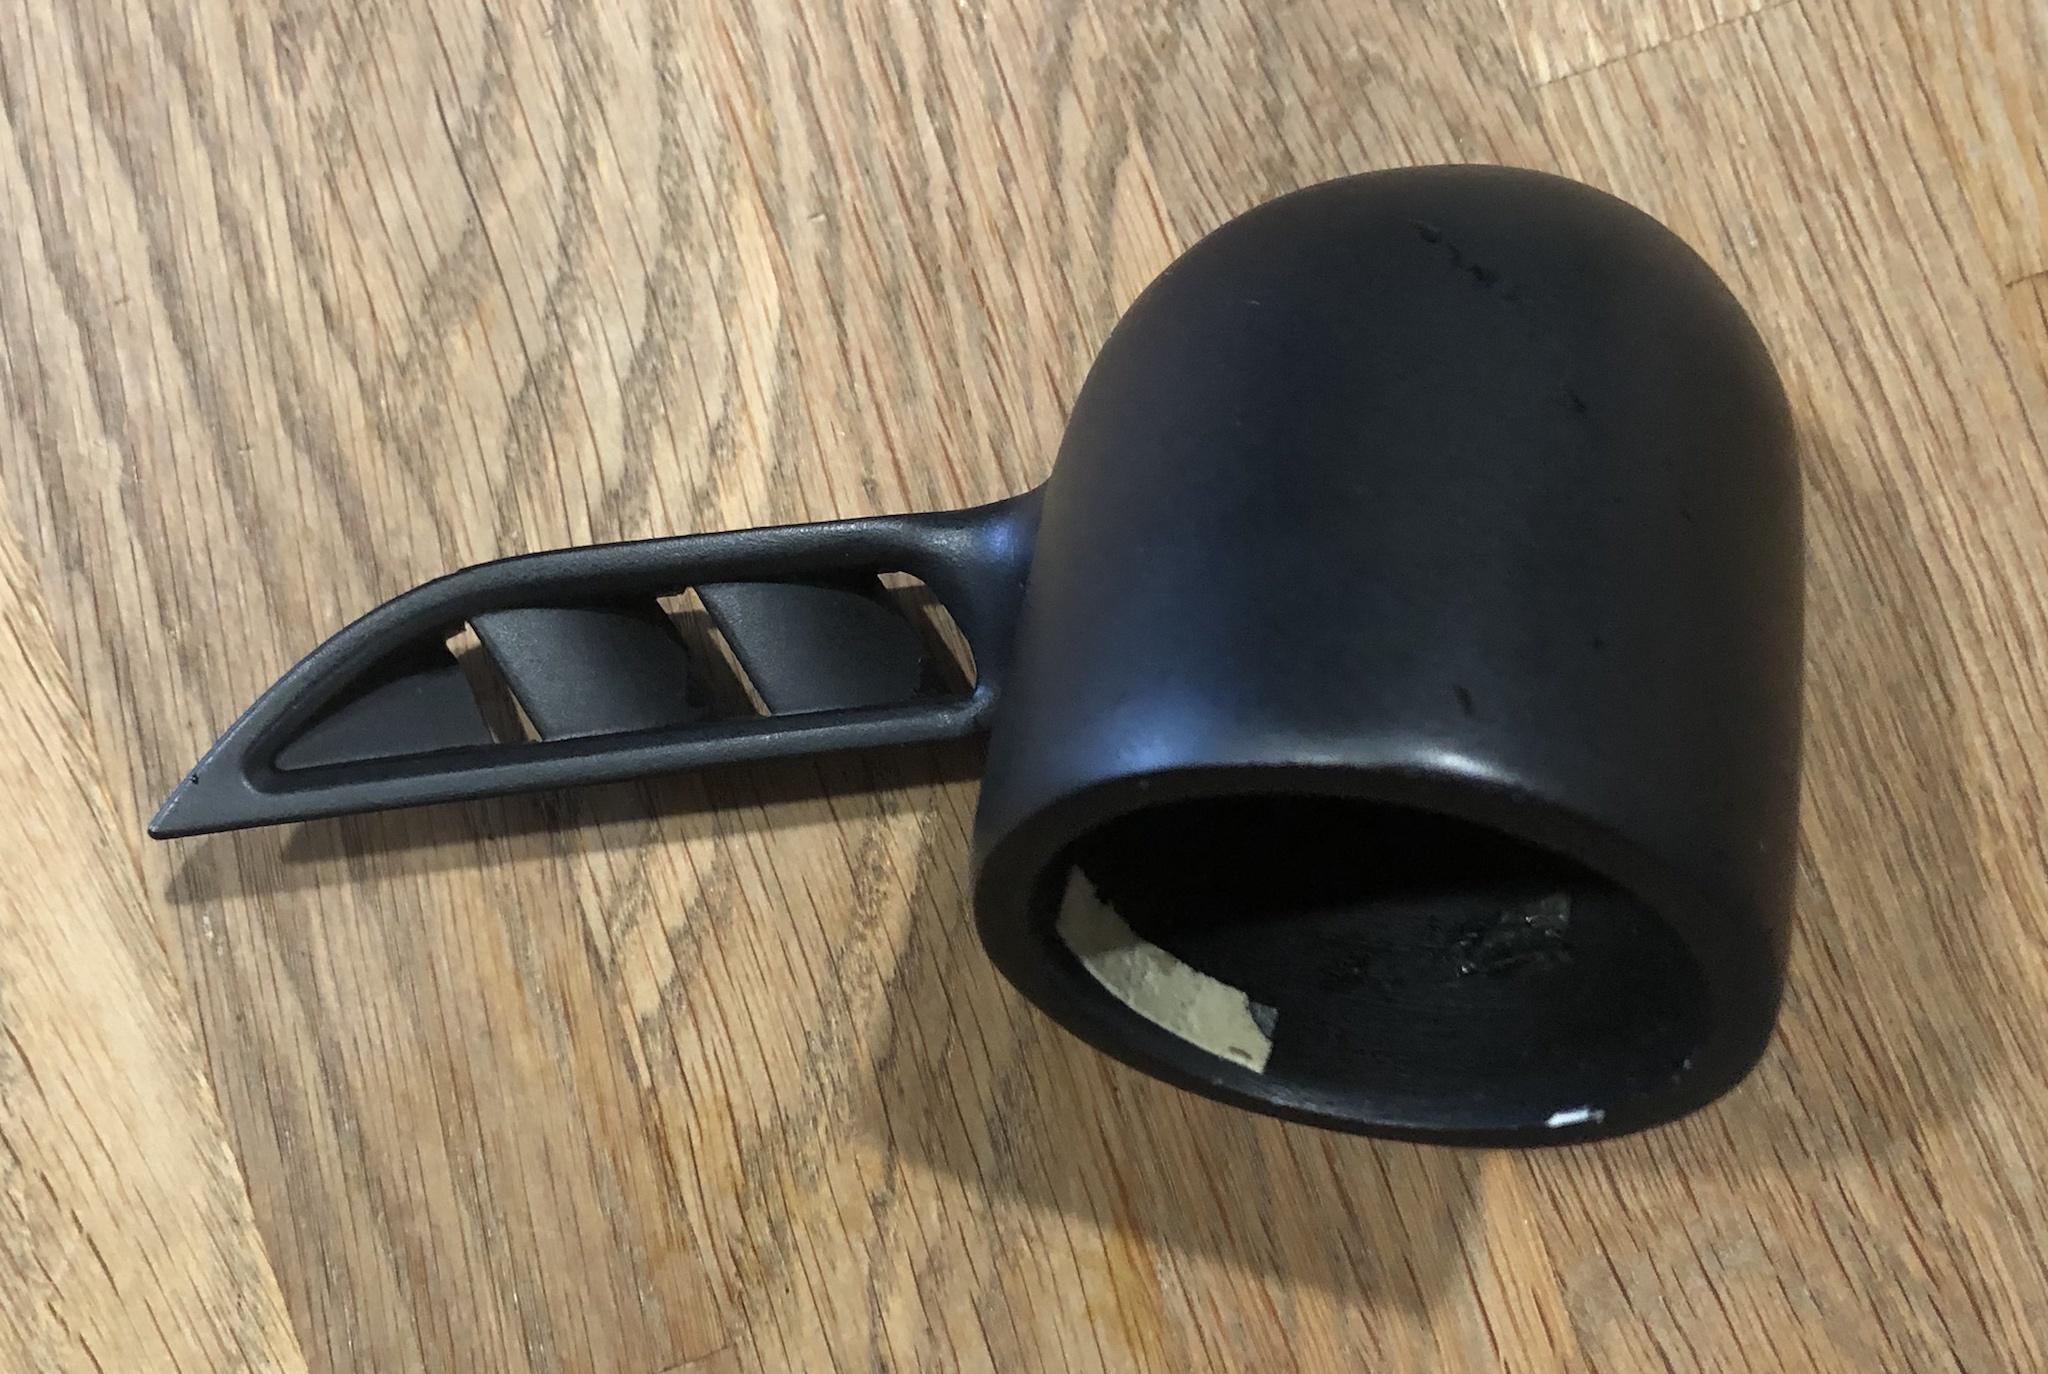 MK7R Parts - Imgur (19).jpg